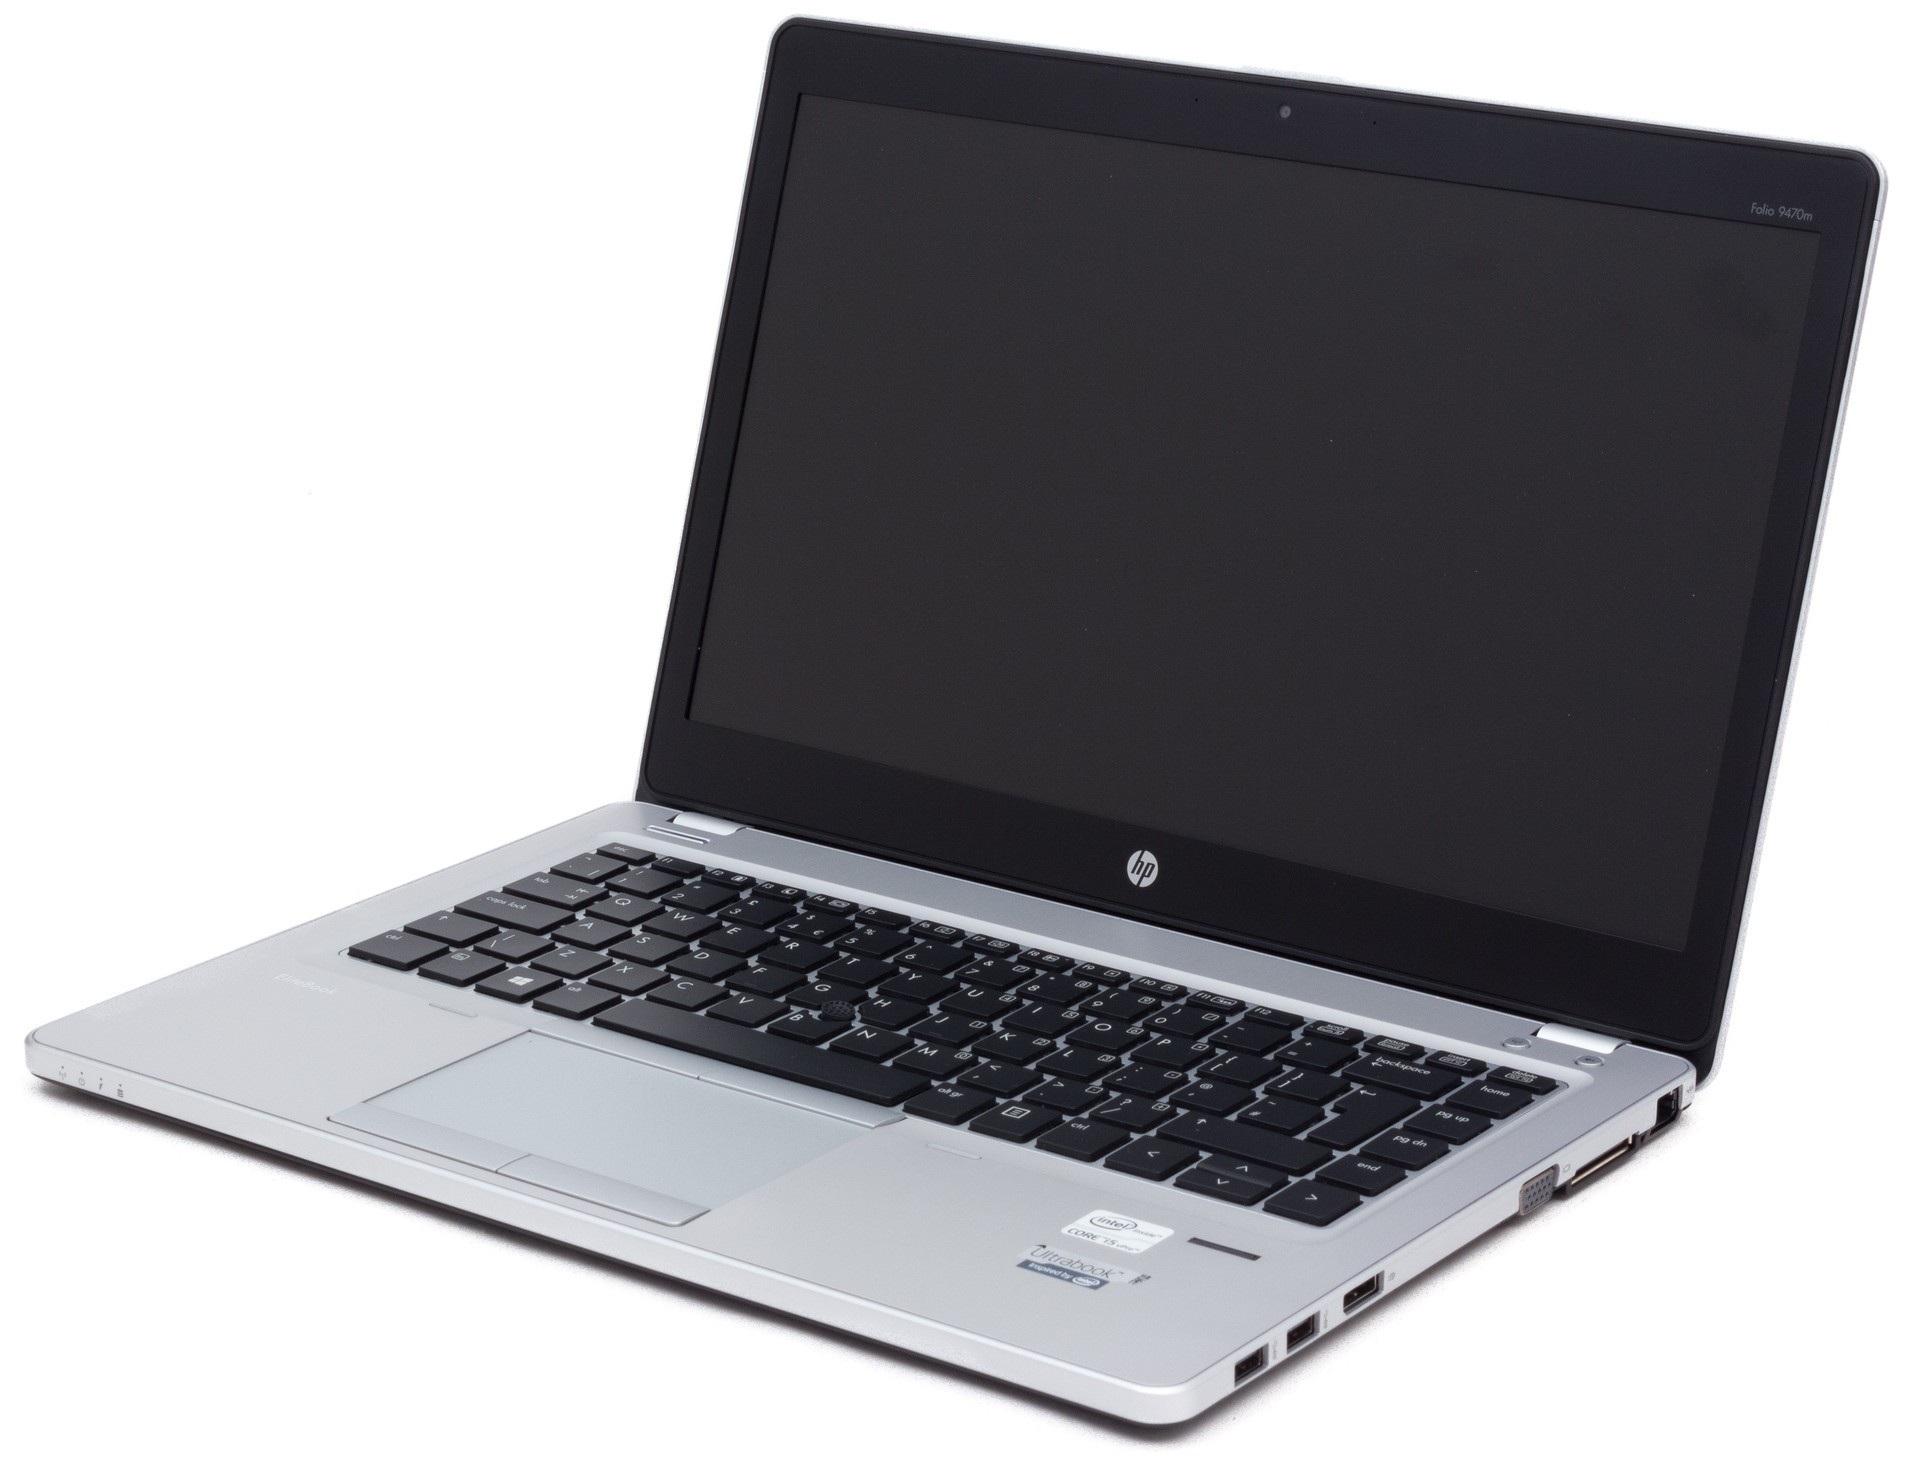 Laptop Hp Folio 9470m Cu Procesor I5 3427u 1800mhz